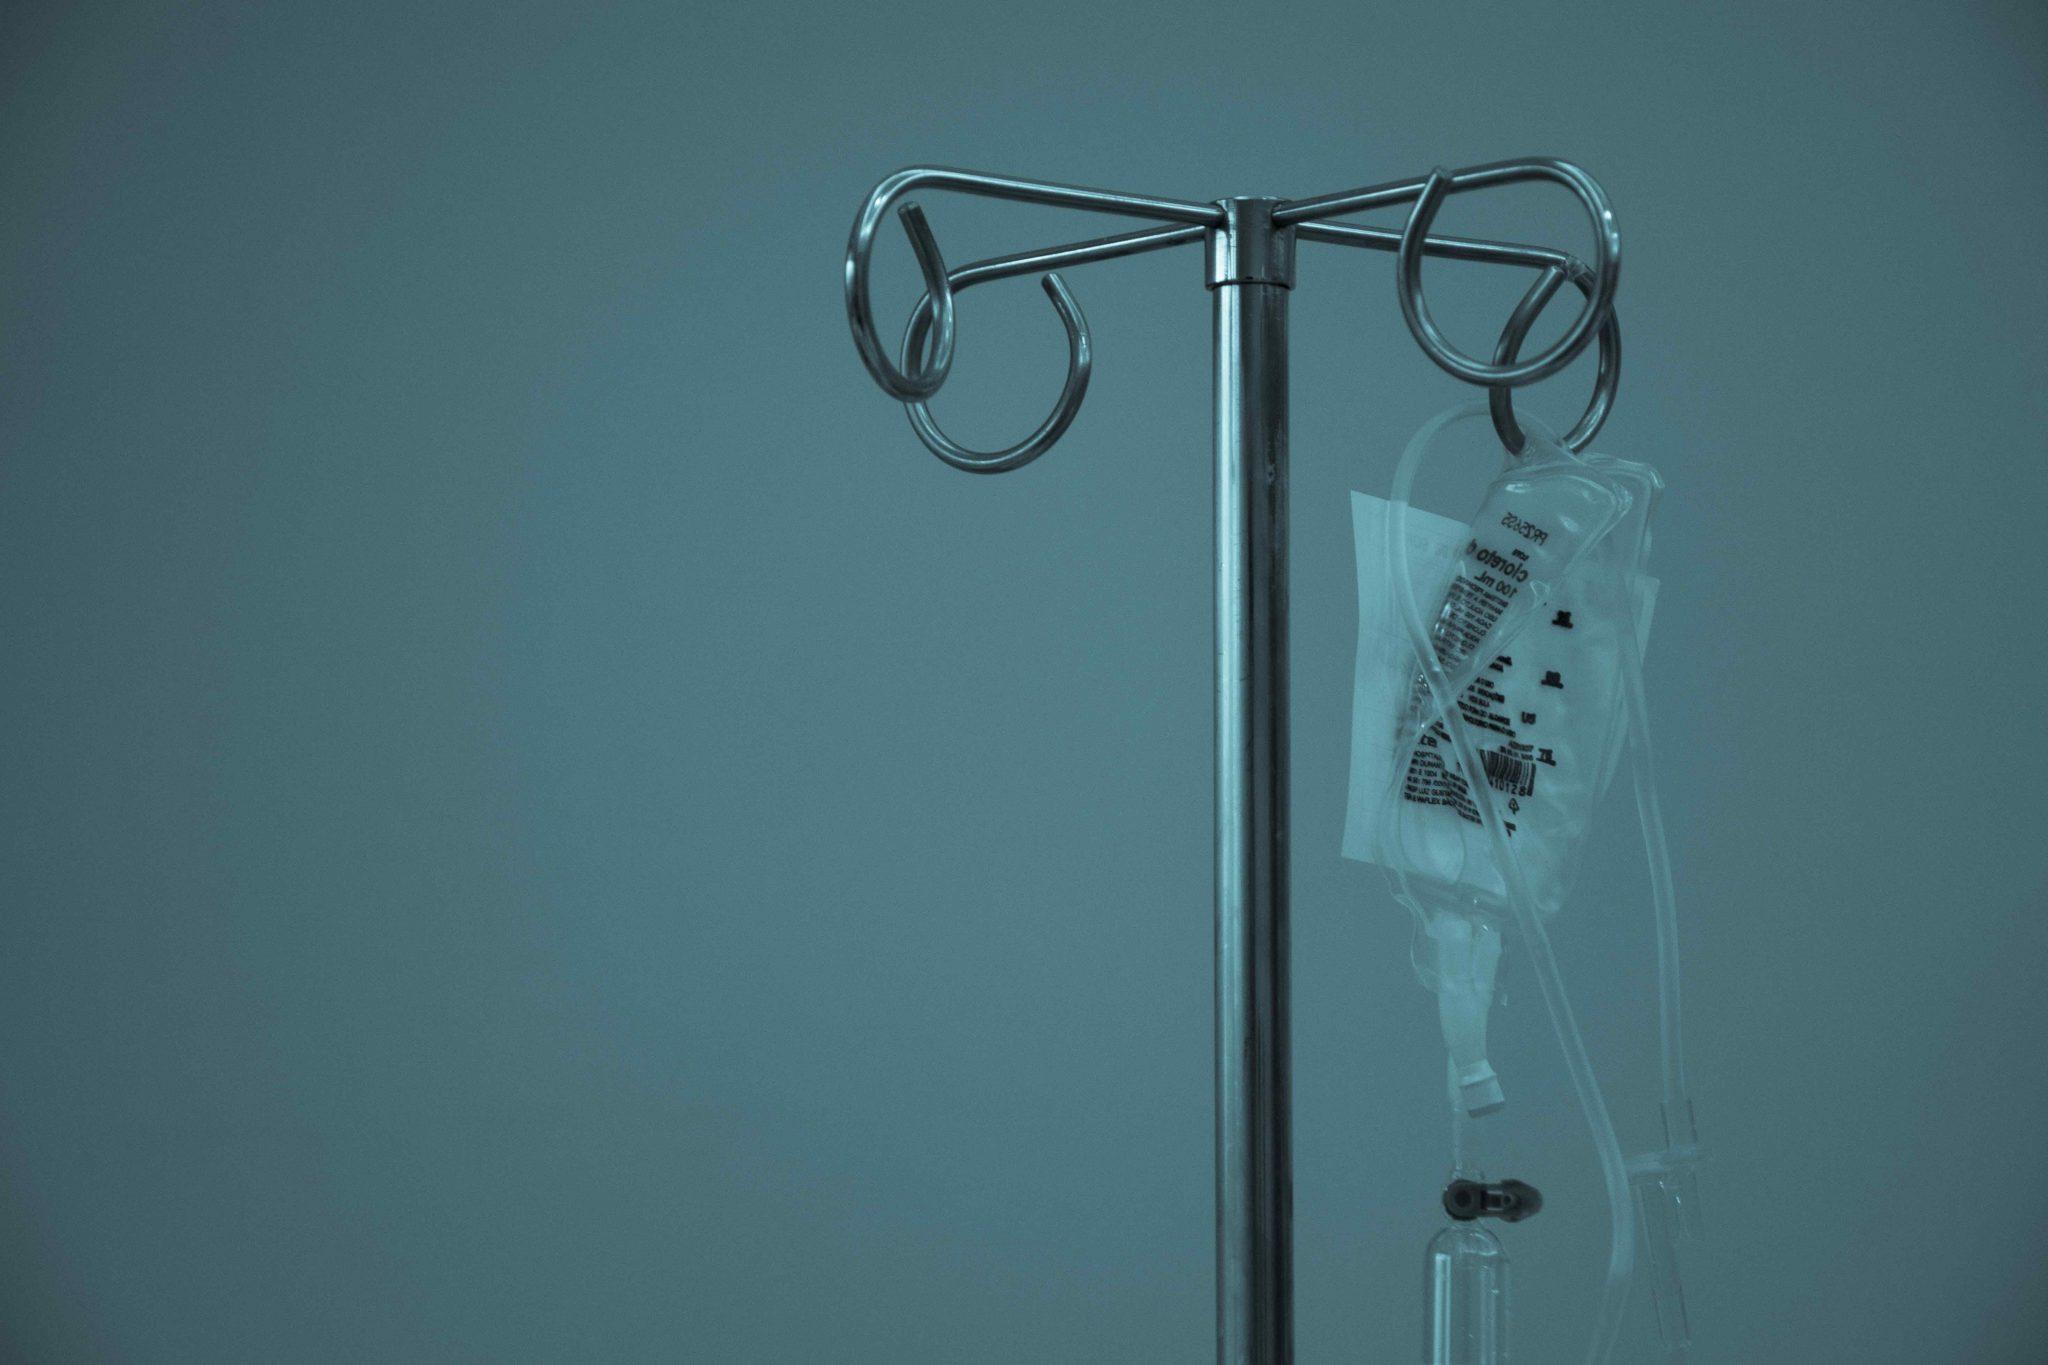 Donazioni agli ospedali: una flebo agli sgoccioli